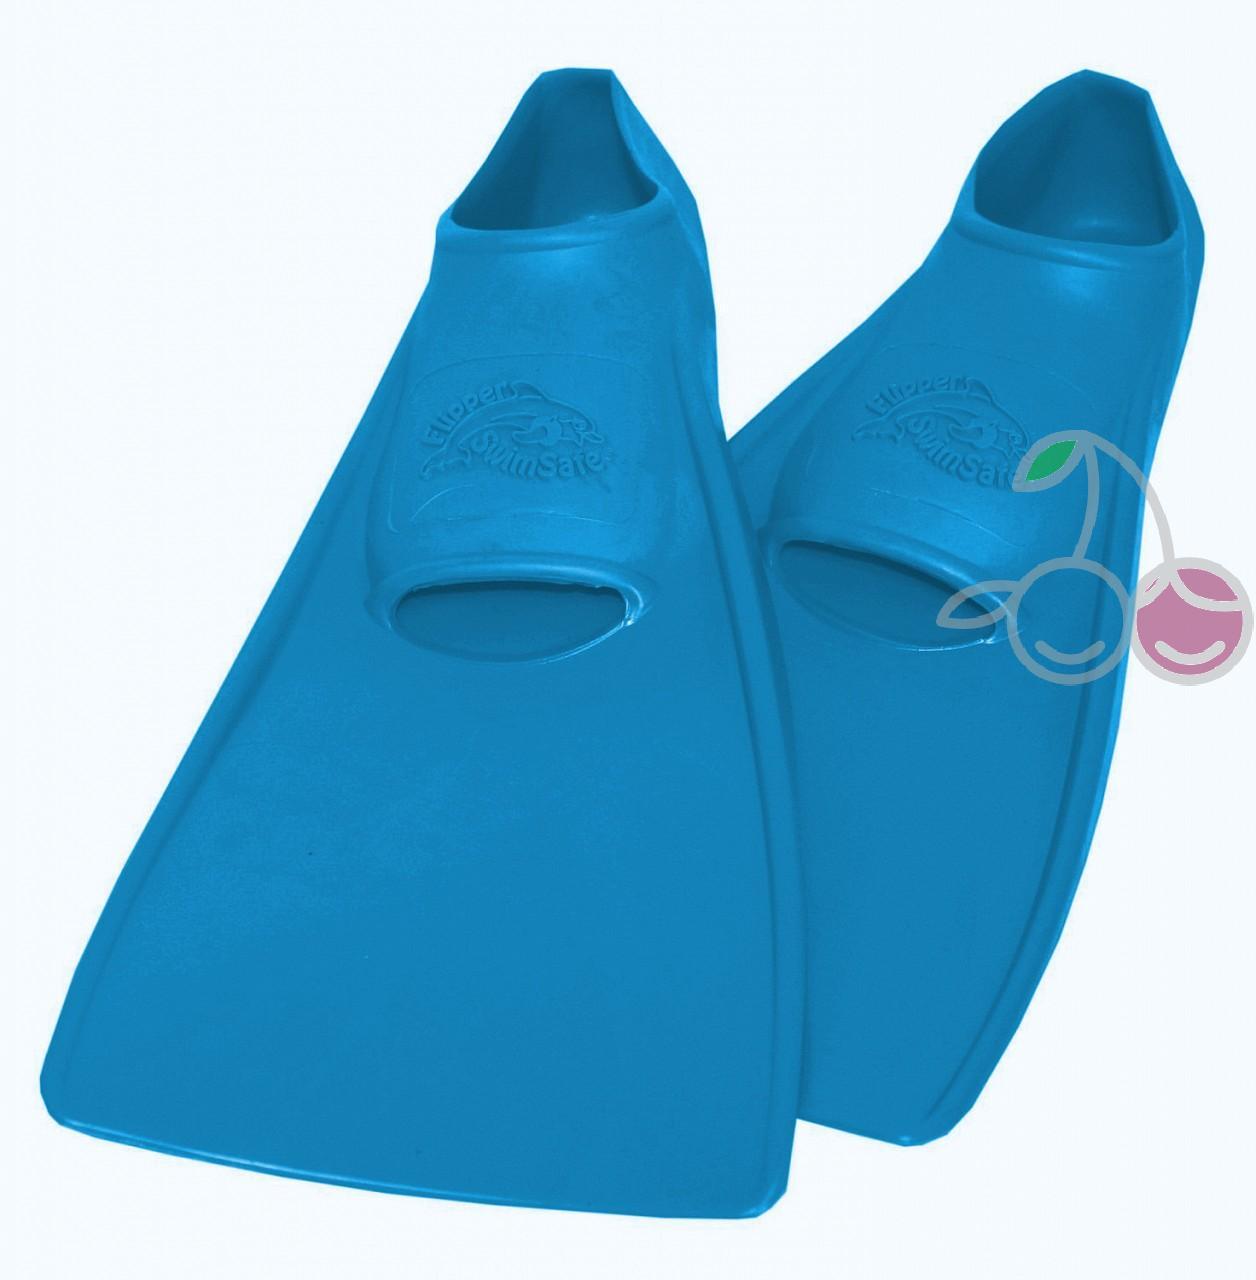 Ласты для бассейна резиновые детские размеры 22-24 синие СВИМСЕЙФ (SwimSafe) Германия, - фото 1